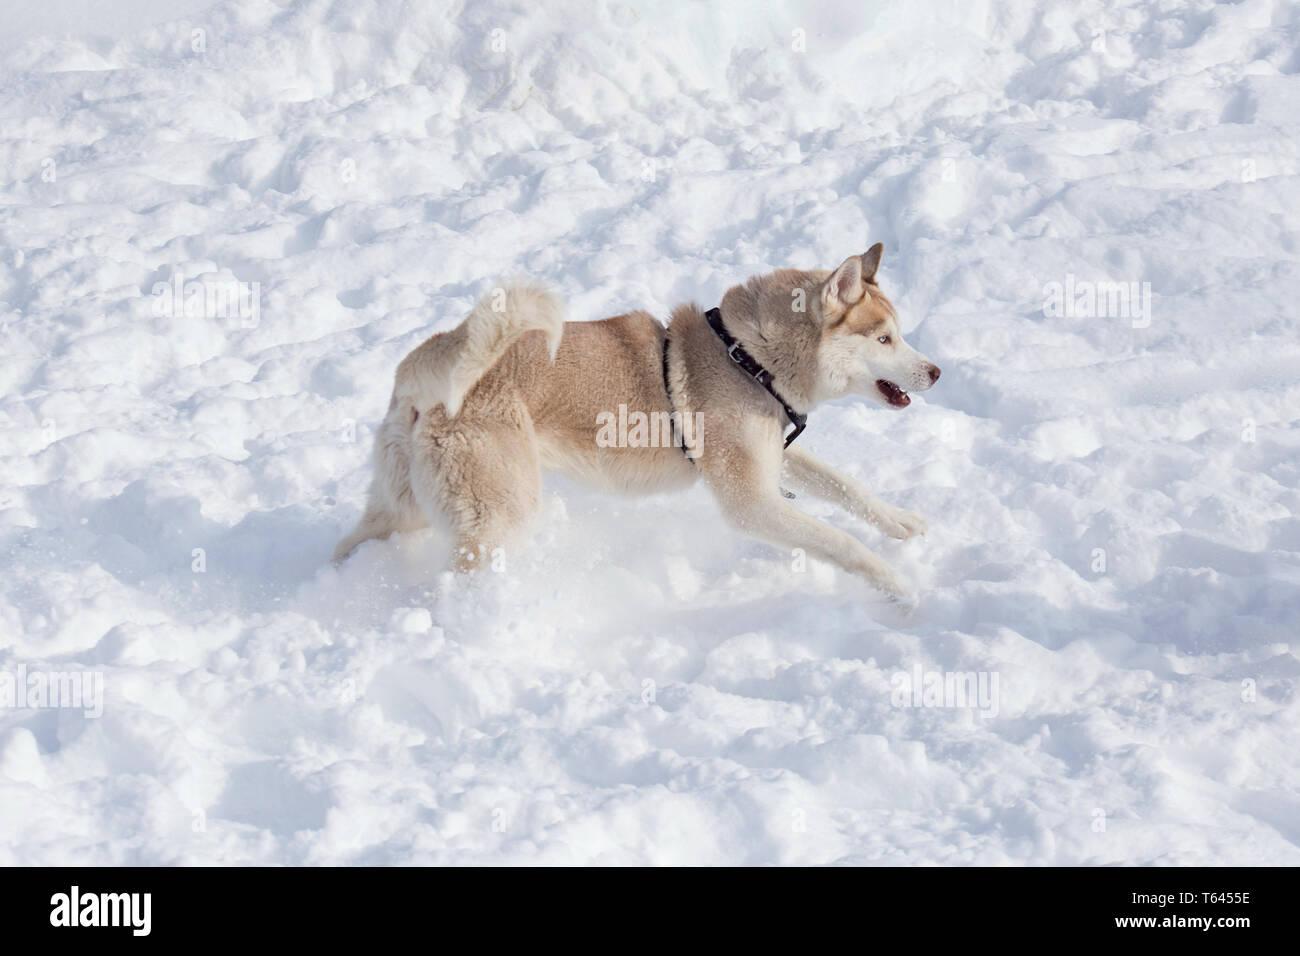 Weihnachten Husky Hund Welpen Schlitten Schnee Bäume Weiß Doppel 6 Stück Bettwaren, -wäsche & Matratzen